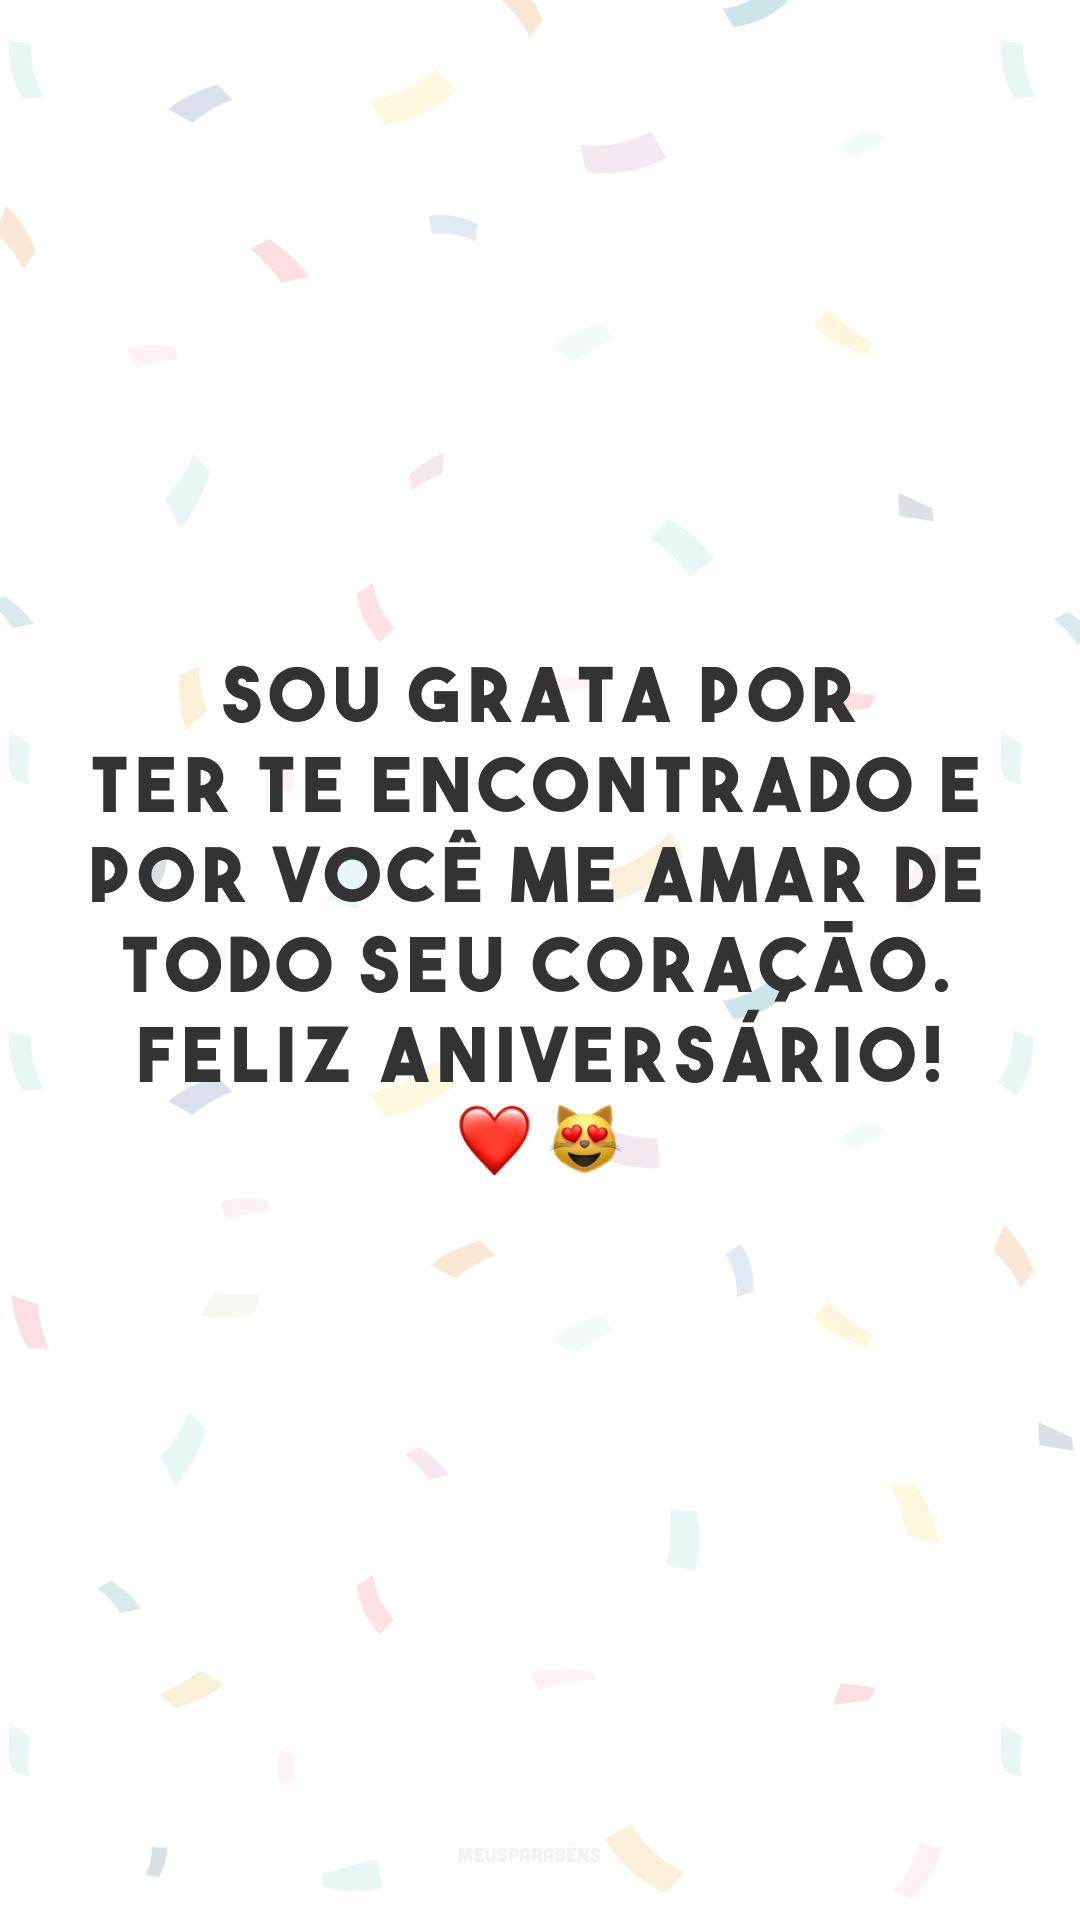 Sou grata por ter te encontrado e por você me amar de todo seu coração. Feliz aniversário! ❤️😻